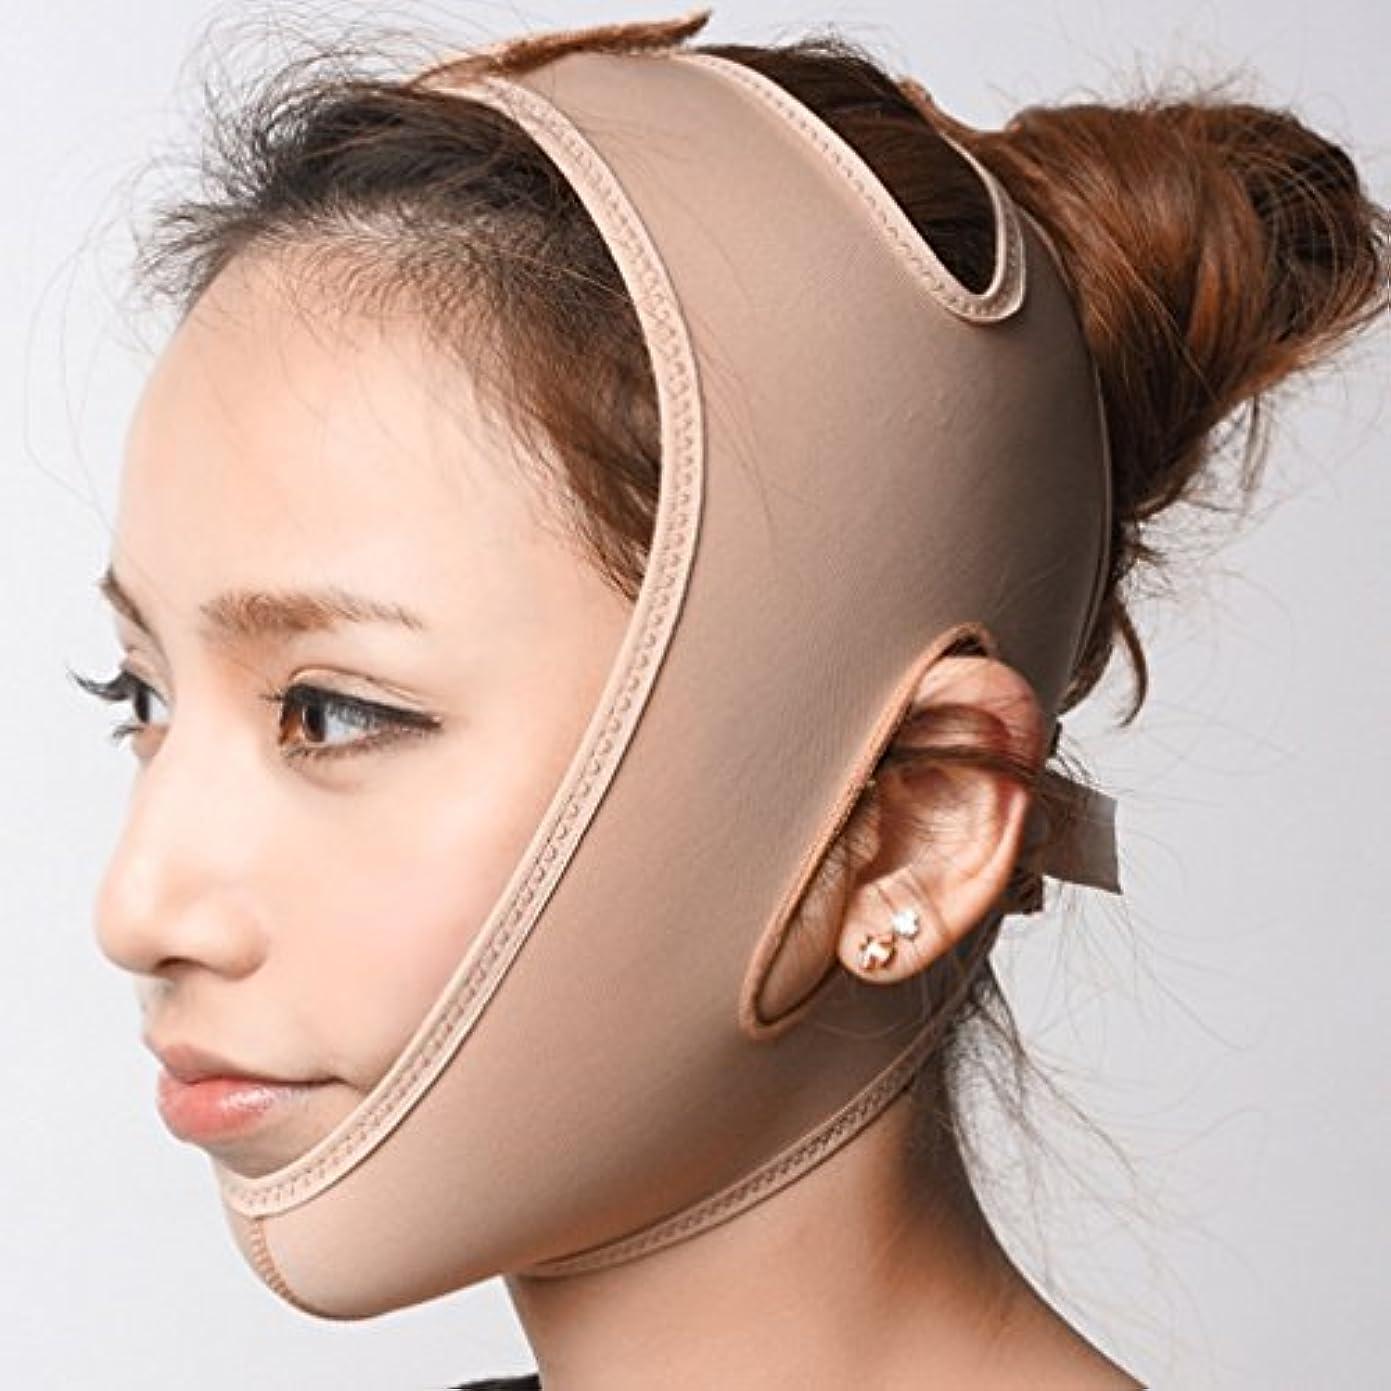 メディカル穿孔する母音フェイスマスク 引き上げマスク フェイスラインベルト 小顔マスク 小顔ベルト 頬のたるみ 美容顔マスク 矯正 顔痩せ 額、顎下、頬リフトアップ Mサイズ